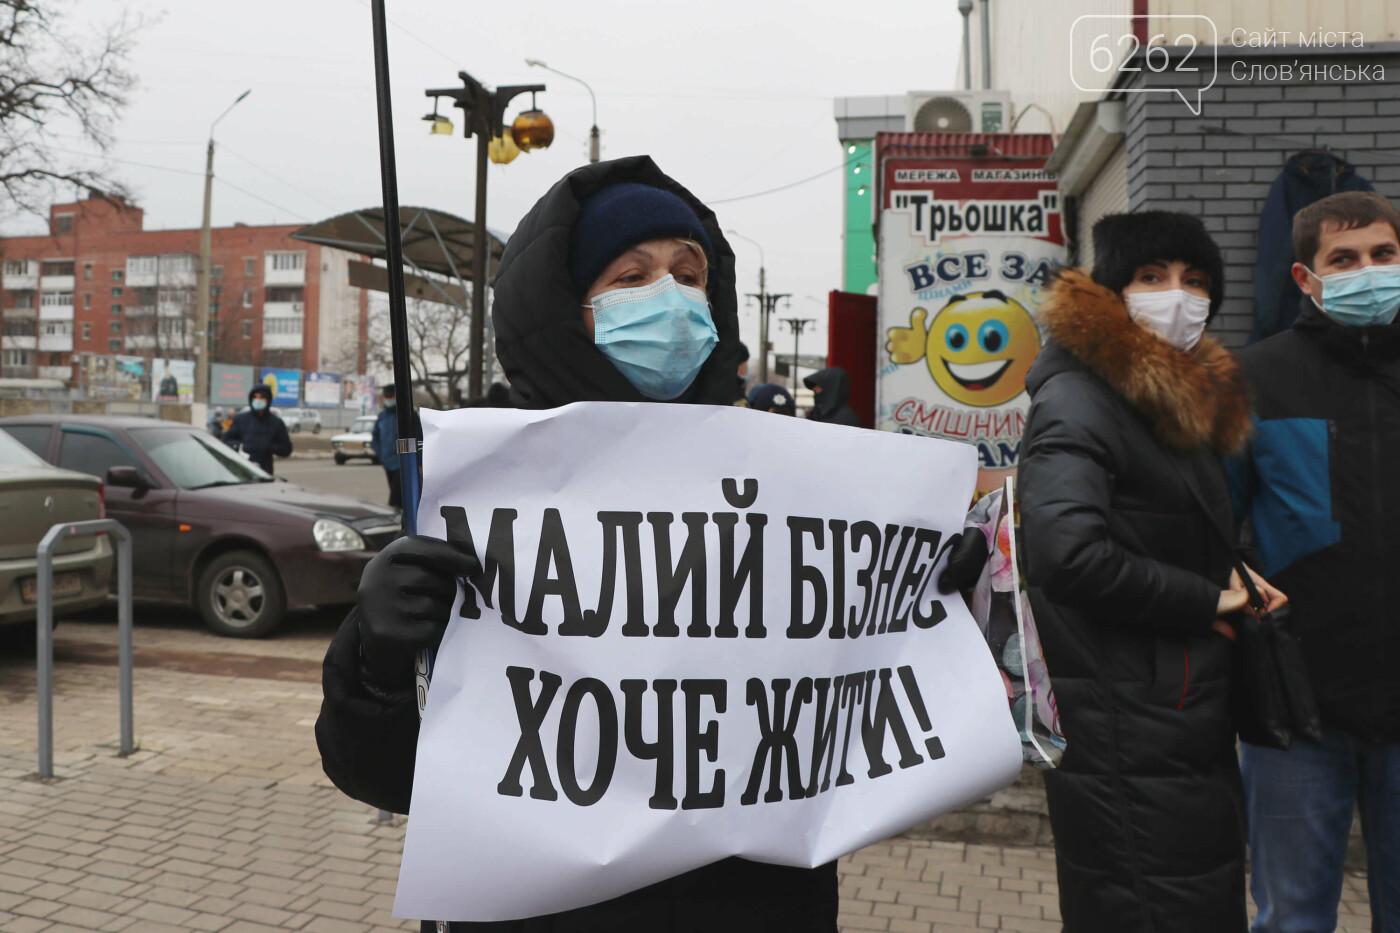 Save ФОП: у Слов'янську підприємці вийшли на мітинг - ФОТО, фото-9